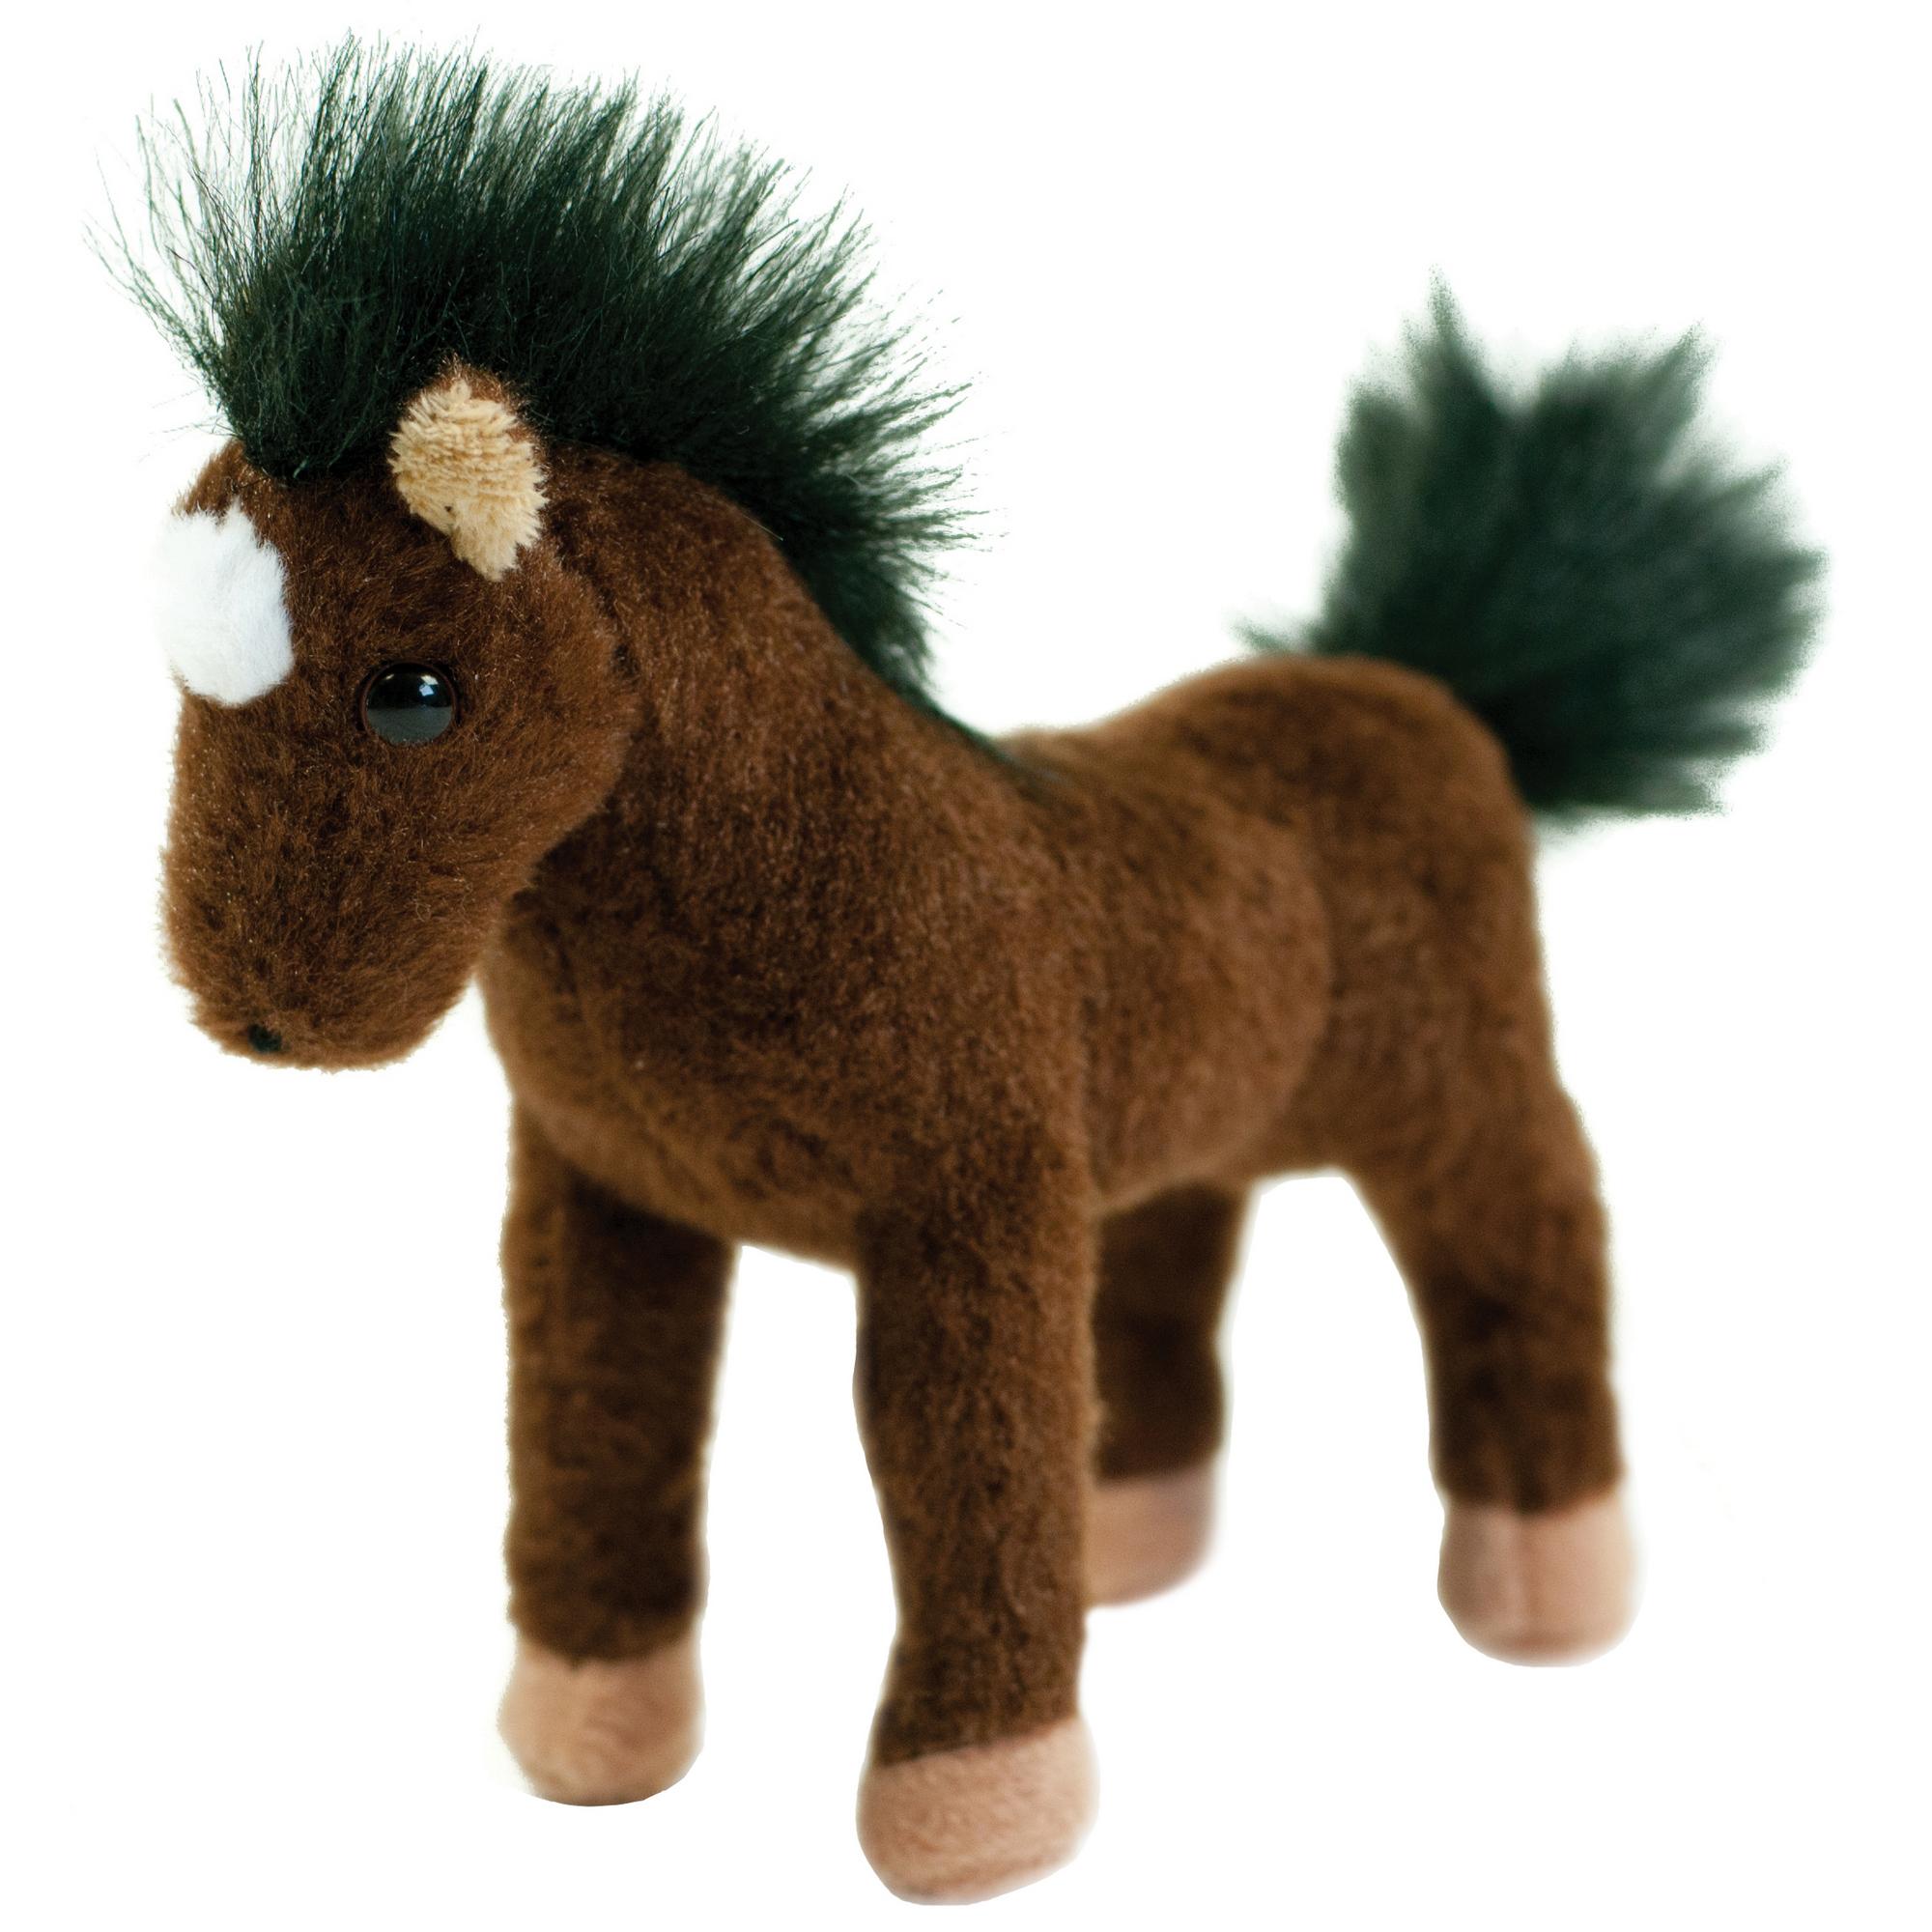 mumbles poppy das pferd / plüschtier, spielzeug, kuscheltier